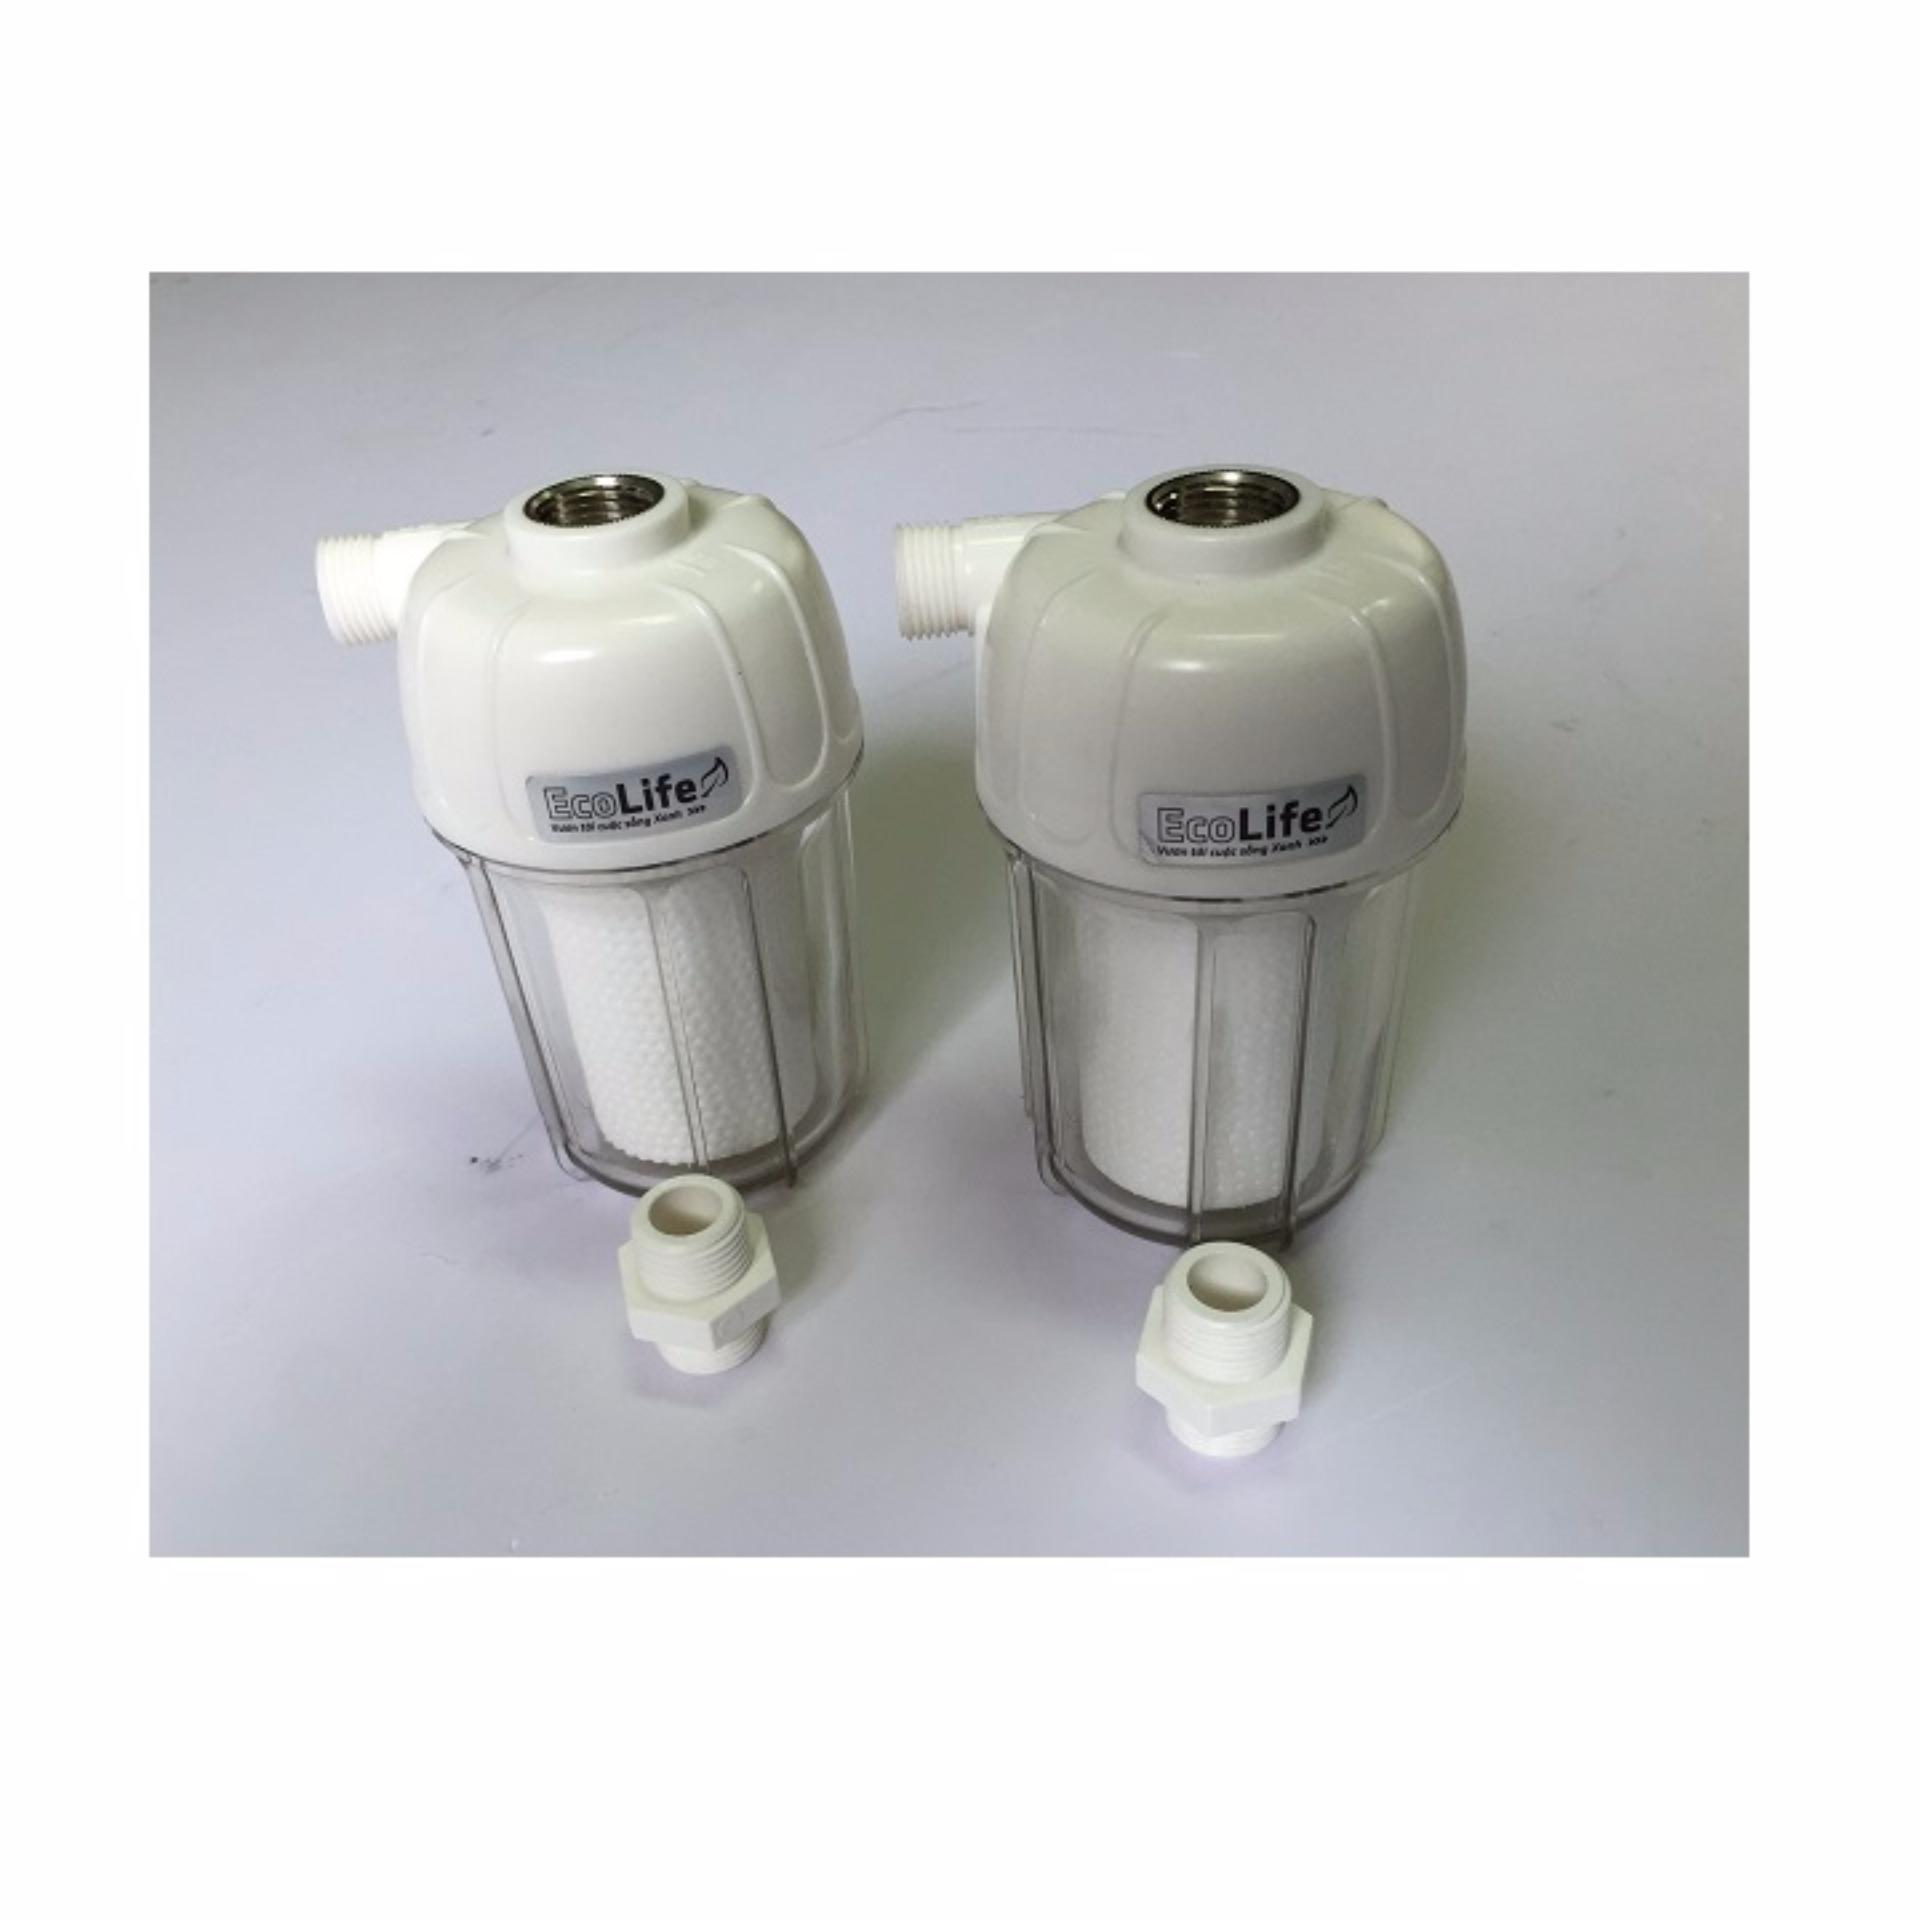 Lọc nước cho bình nước nóng (Combol 2 Lọc nước)